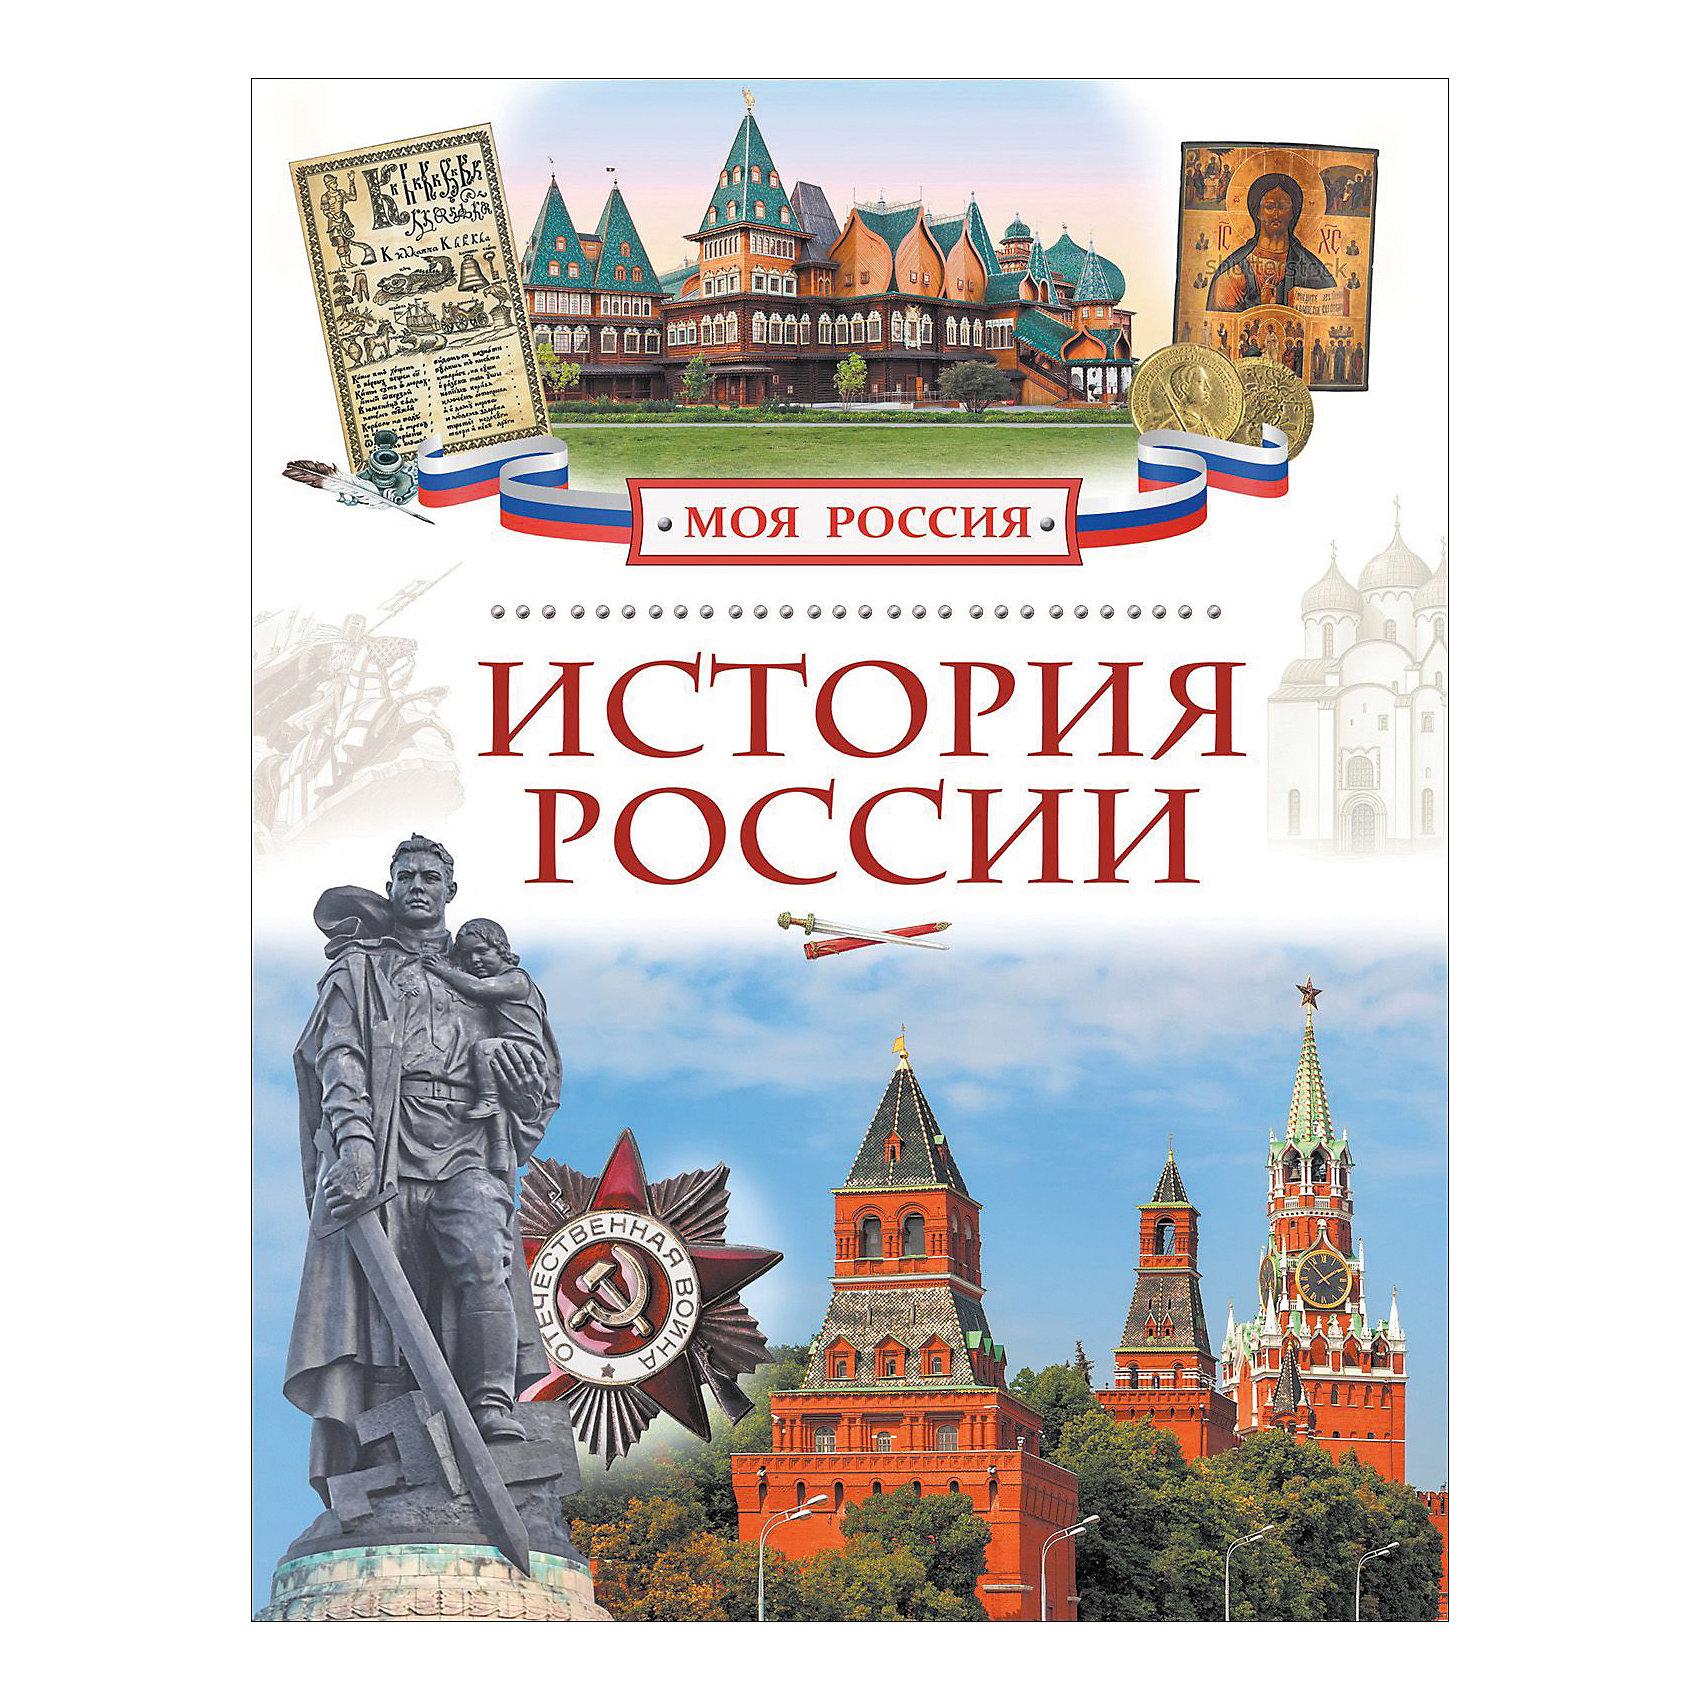 История России, Моя Россия